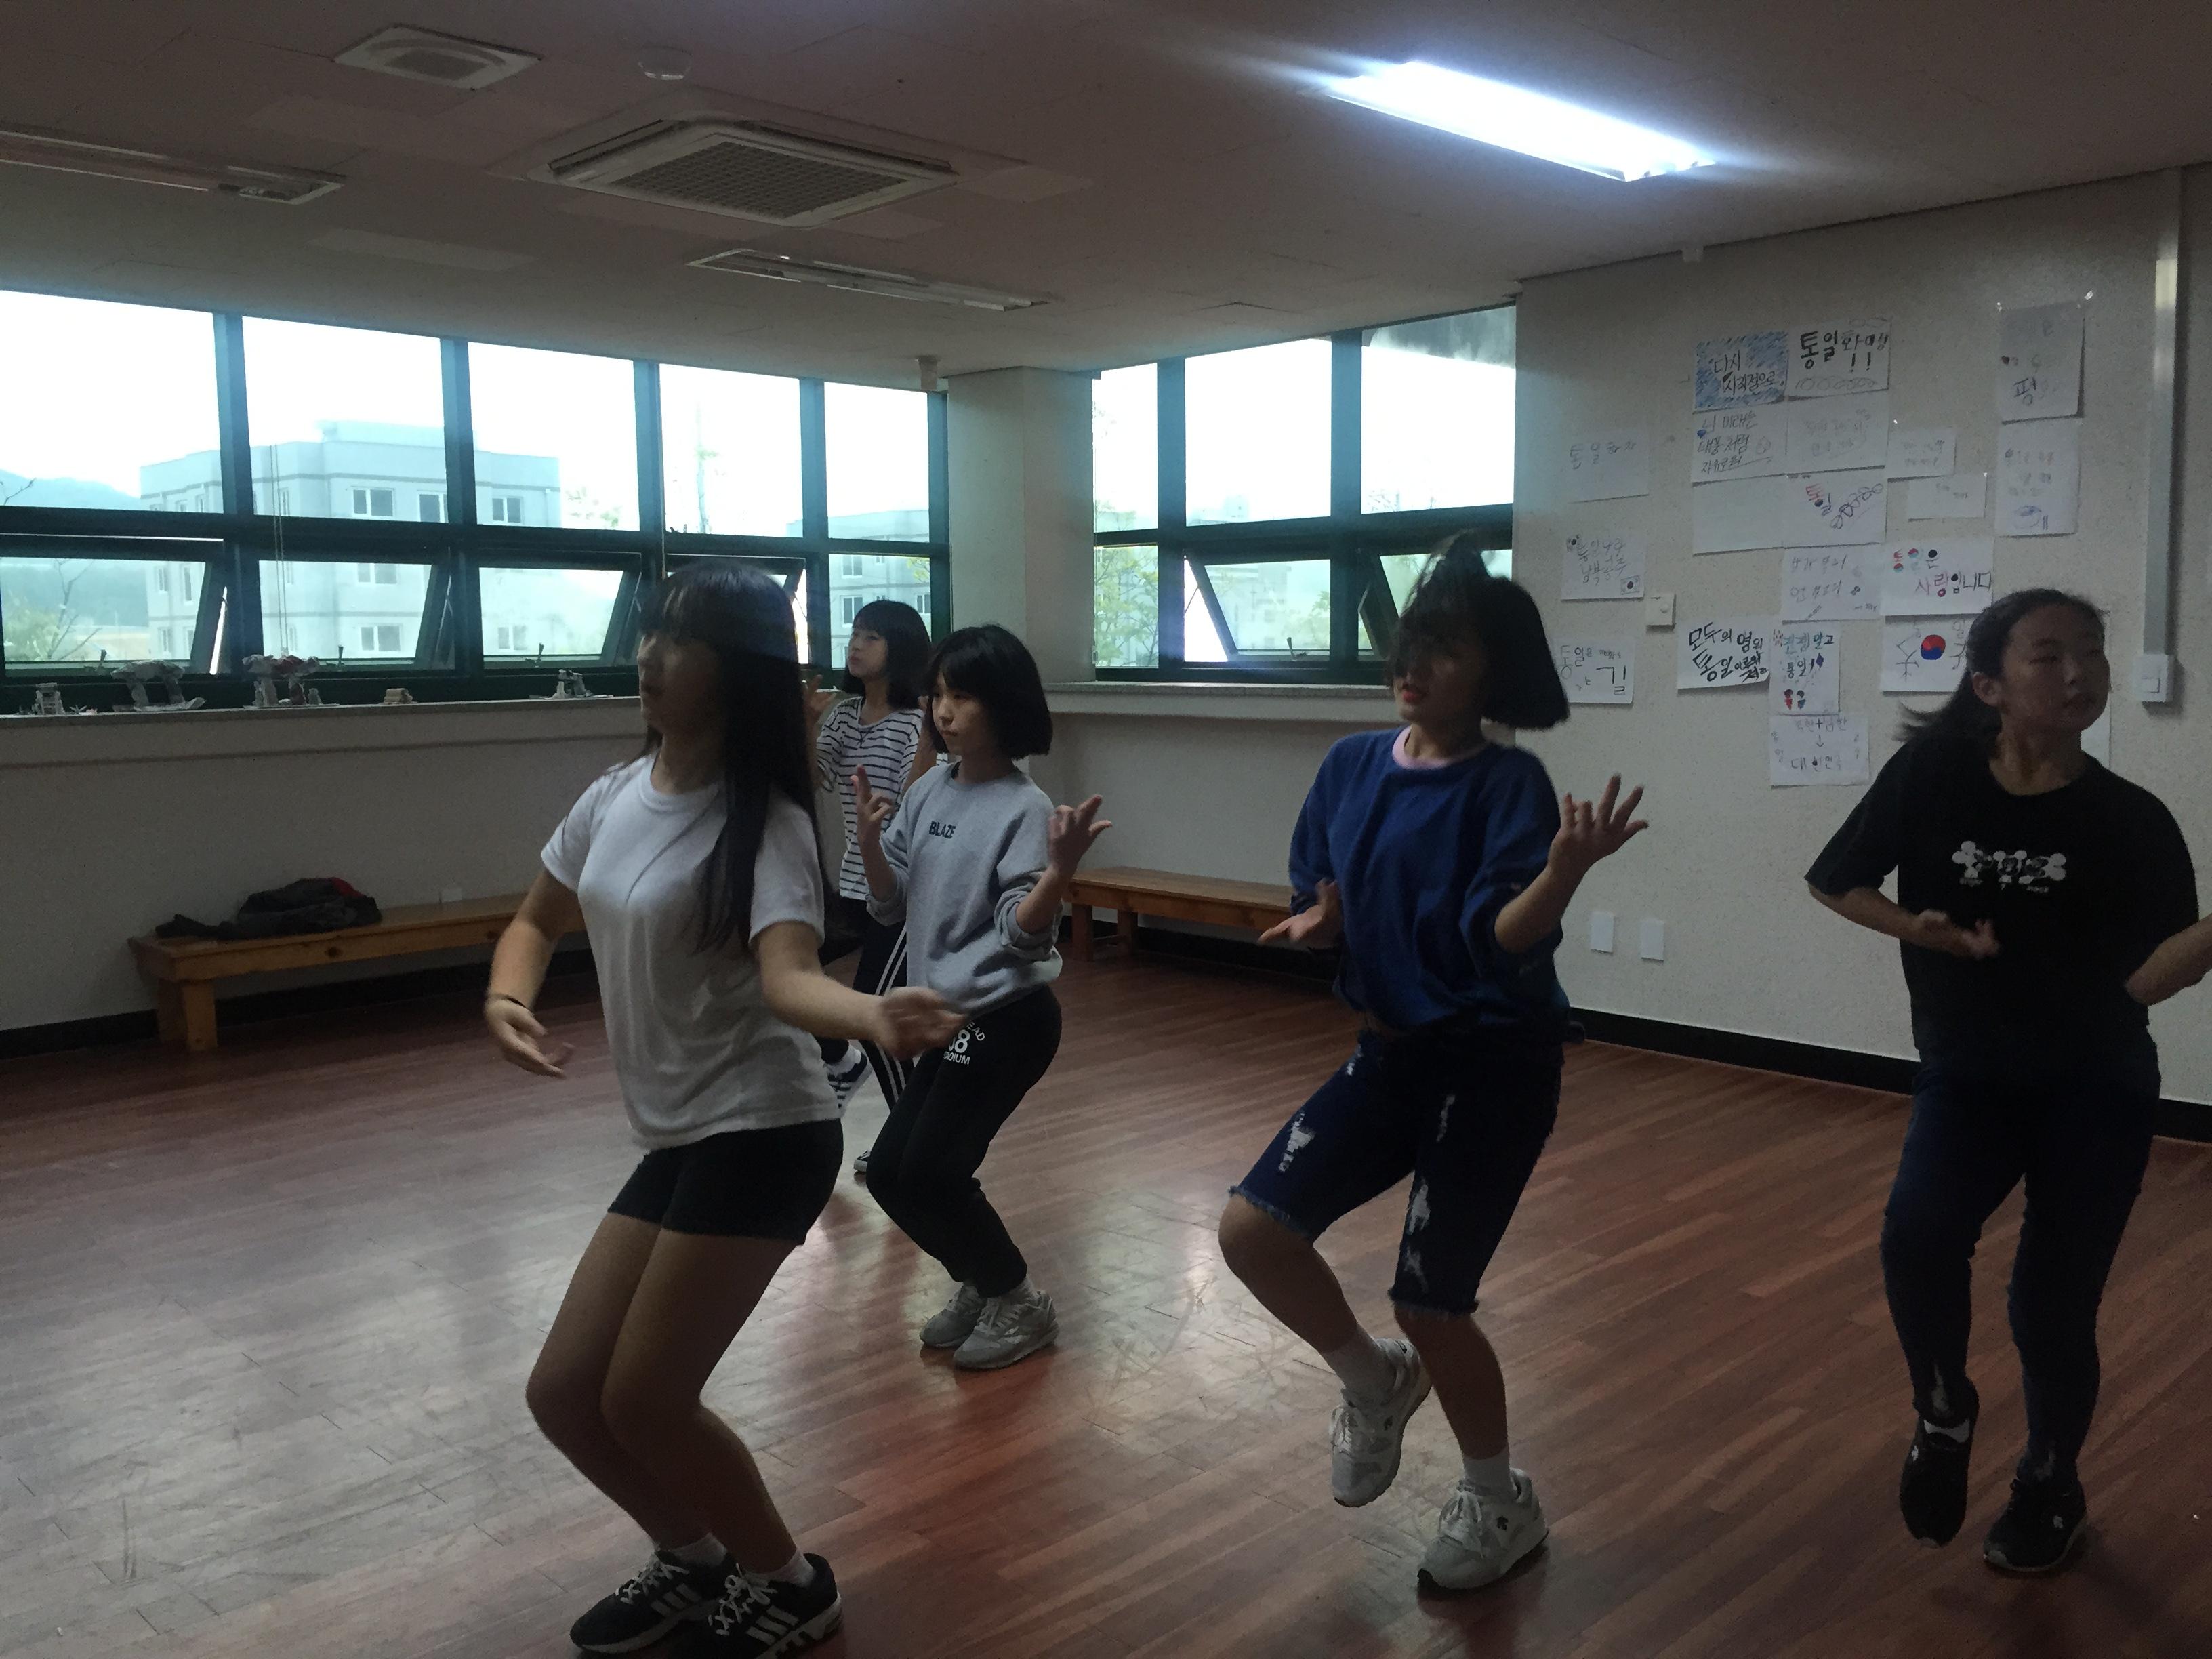 [일반] 1학년 댄스반 자율동아리 활동모습의 첨부이미지 6